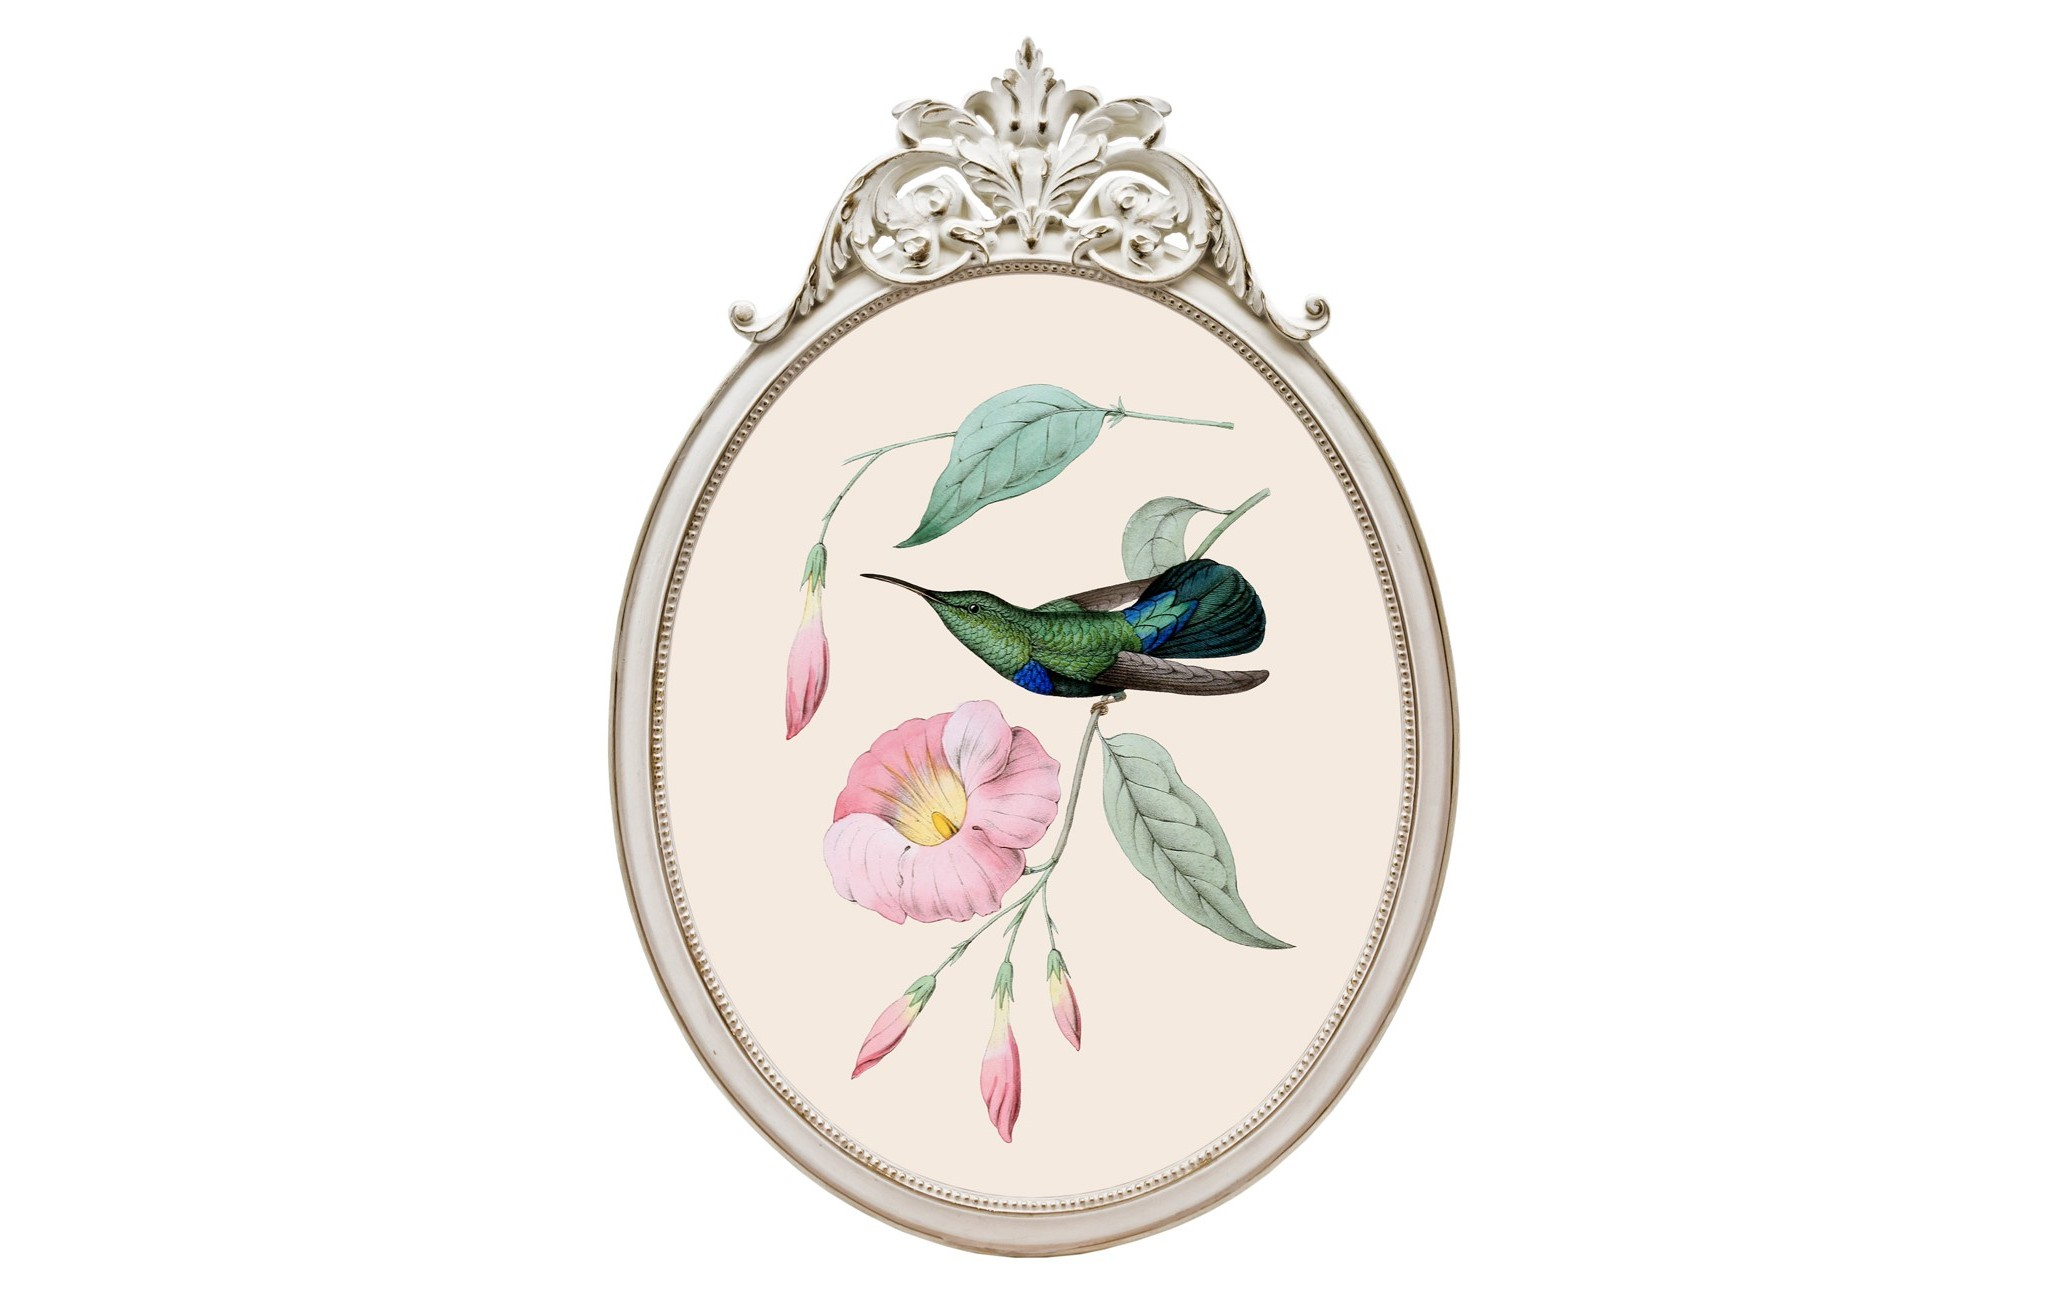 Репродукция гравюры «Птица счастья» в раме «Офелия»Картины<br>Репродукция «Птица счастья»  - желанное интерьерное украшение гостиной, столовой, спальни, кабинета и детской комнаты, способное задать пространству стиль и достоинство. Но, какой бы гениальной ни была картина, без достойной рамы она останется незавершенной. Воздушно-нежная рама - источник домашнего уюта и комфорта. <br>Классический цвет - универсальная  совместимость с абсолютно любым цветовым фоном помещения. Плавные линии и светлые тона, свойственные классицизму, свободно впишутся в палитру &amp;quot;ар-деко&amp;quot;, &amp;quot;модерна&amp;quot;, &amp;quot;прованса&amp;quot; и &amp;quot;кантри&amp;quot;. <br>Классический белый цвет рамы - залог соседства с большинством предметов мебели и декора. Овальные рамы идеально рифмуются в интерьере с зеркалами и стульями.<br>Цифровая печать на холсте досконально передает каждое движение кисти художника и сохраняет эффект объемности линий. <br>Рамы, выполненные из полистоуна, неприхотливы в уходе. Этот материал прочен, легок, стоек к влаге и солнечному свету. <br>Для крепления к стене рама снабжена широкой и прочной металлической скобой, обеспечивающей быстрый легкий монтаж и идеально симметричное положение рамы.<br><br>Material: Полистоун<br>Width см: 29,3<br>Depth см: 2<br>Height см: 41,5